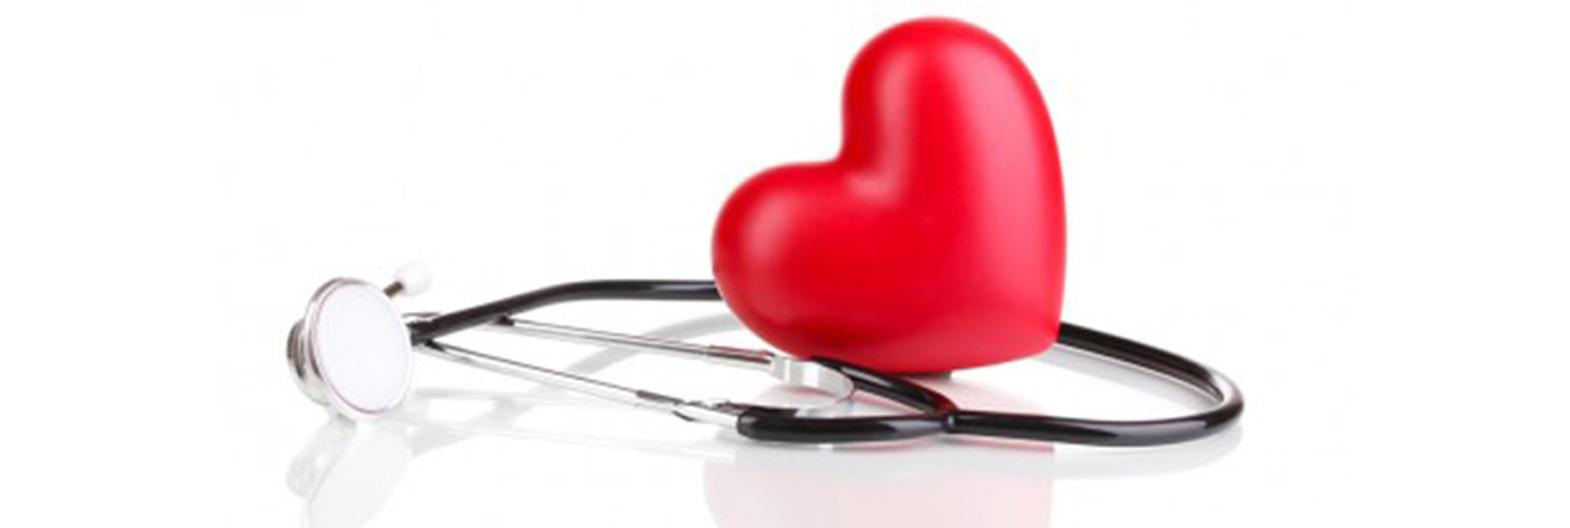 hipertenzijos šalutinis poveikis